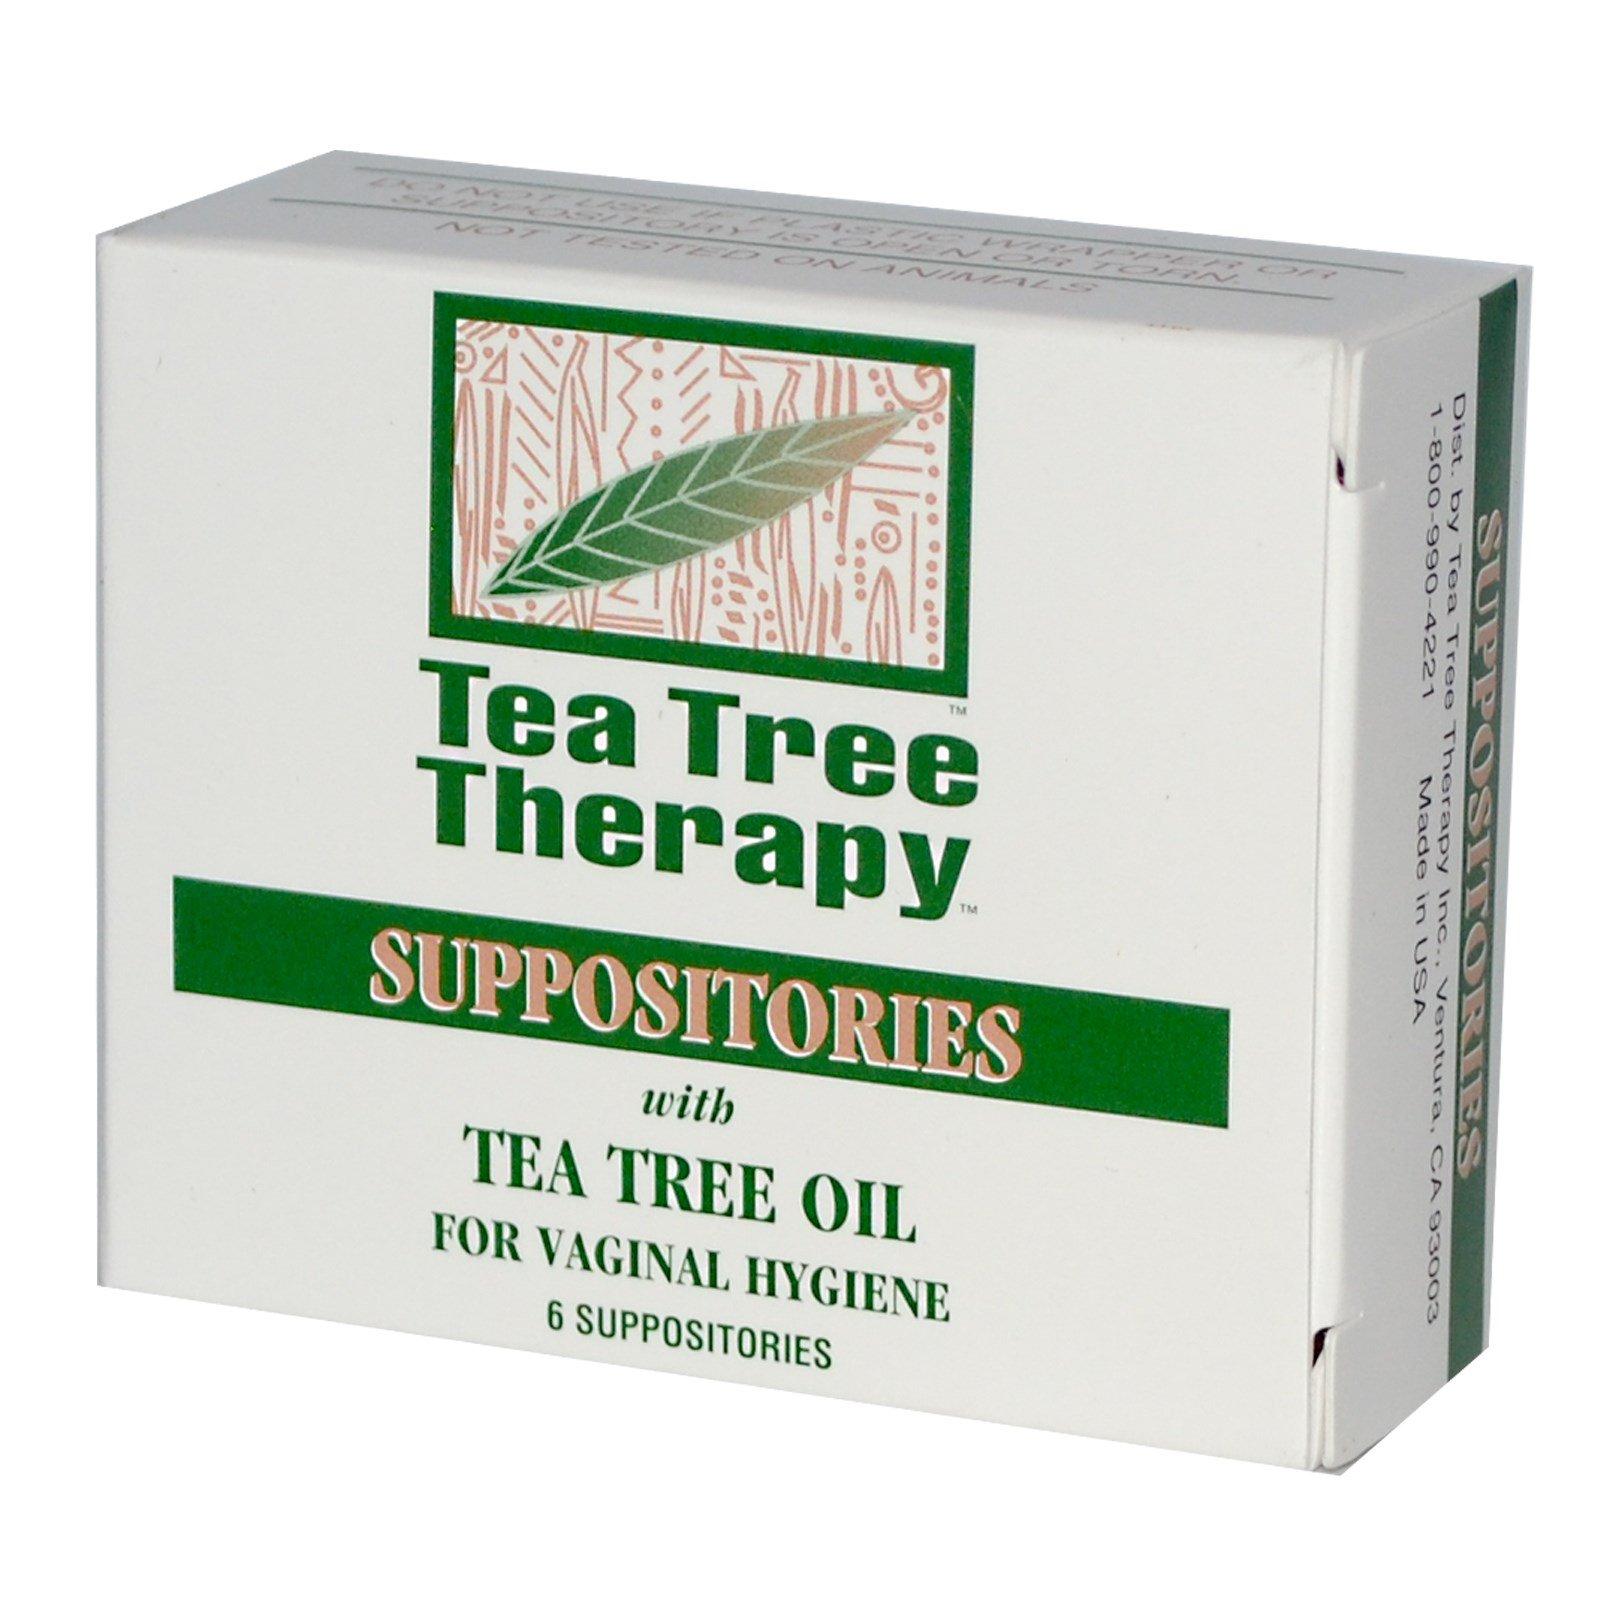 Tea Tree Therapy, Суппозитории, с маслом чайного дерева, для гигиены влагалища 6 Suppositories